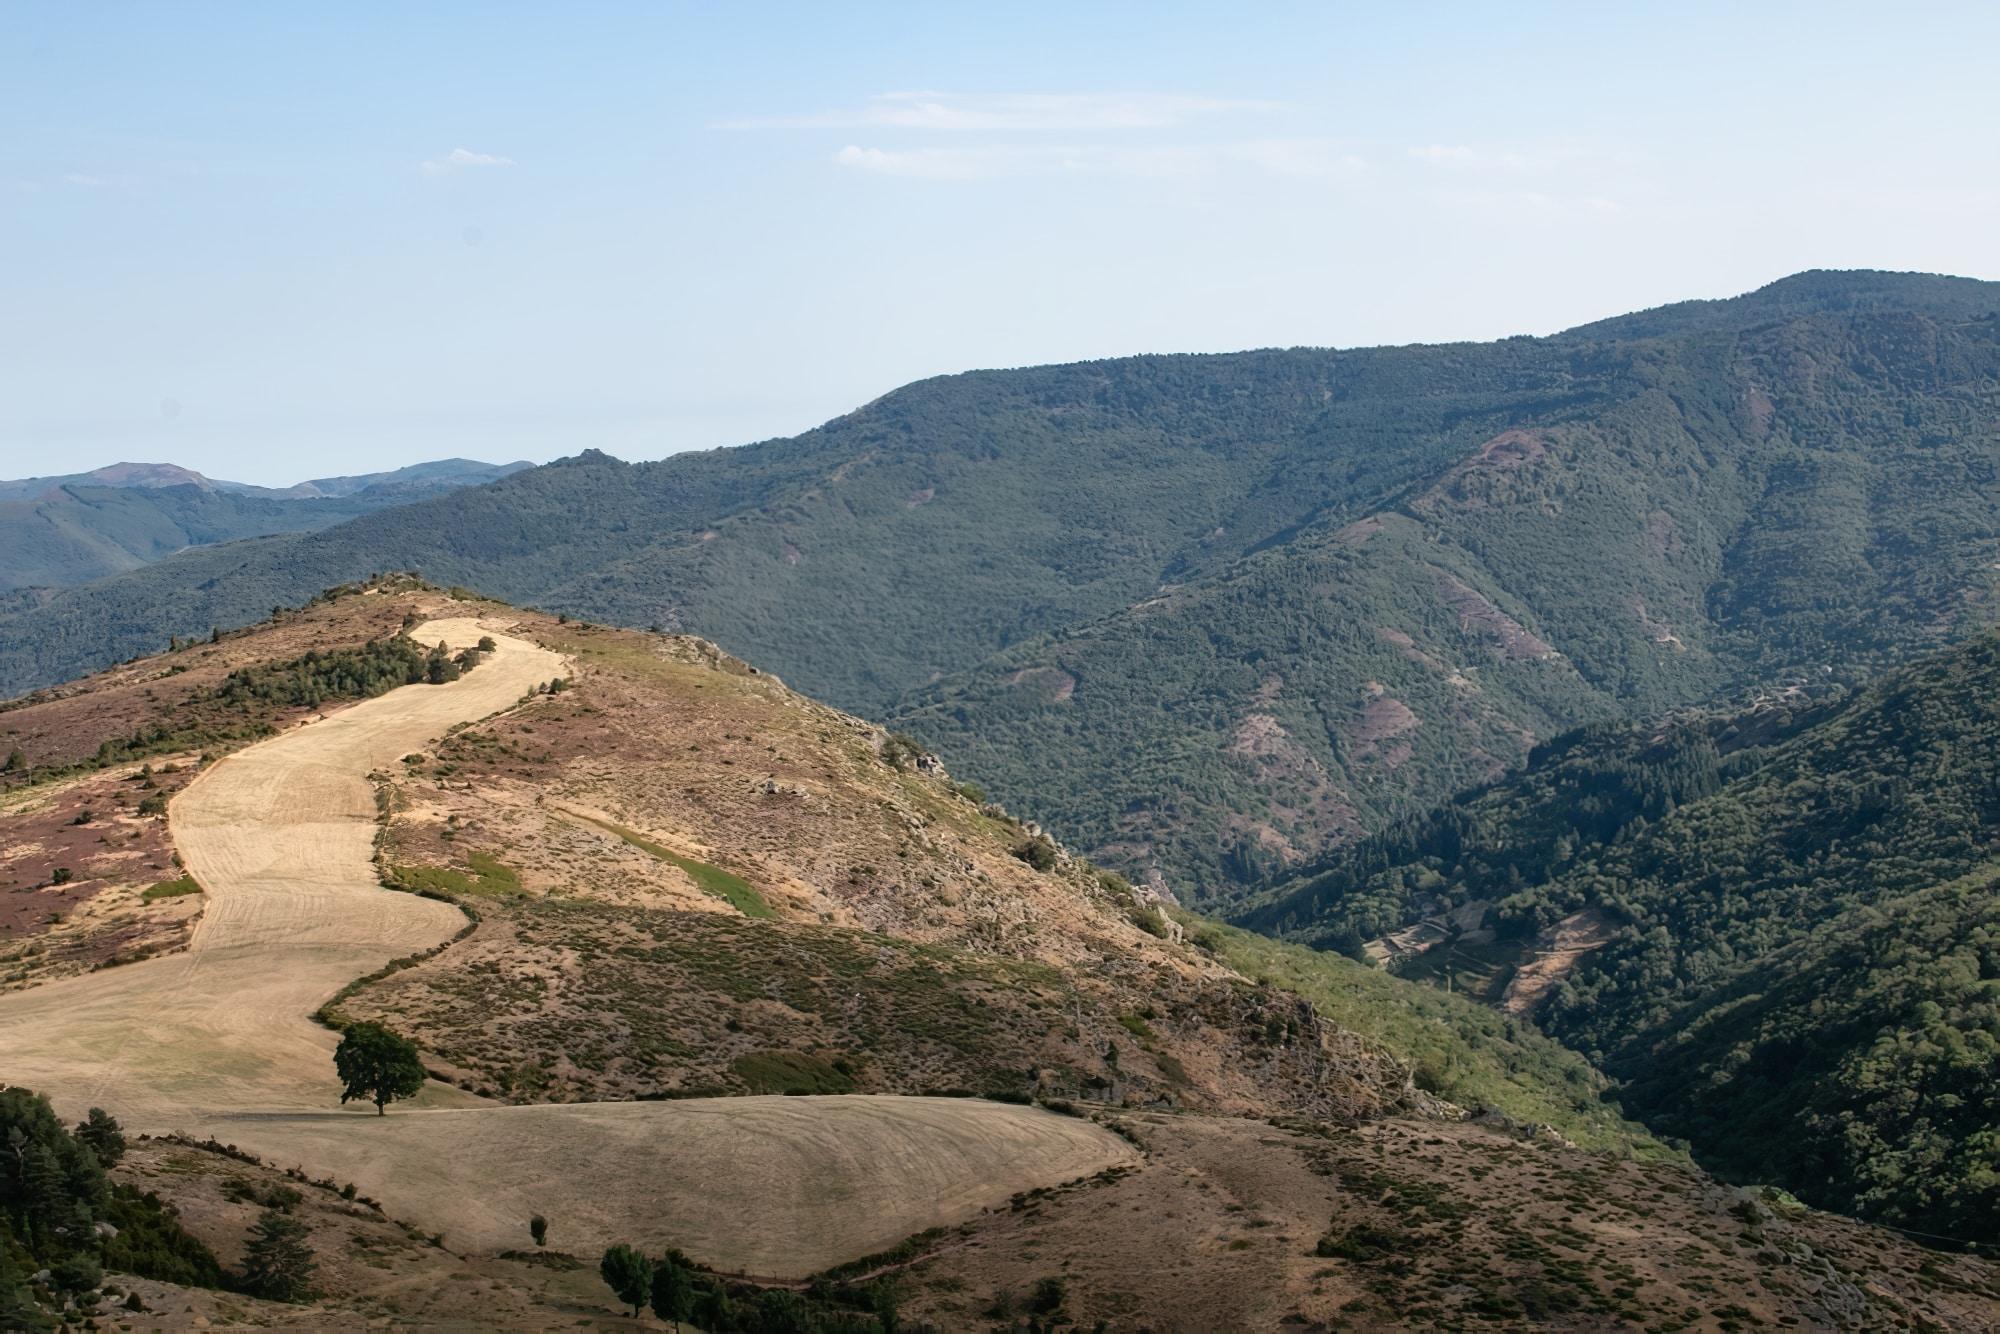 Montagnes cevennes grimper gard